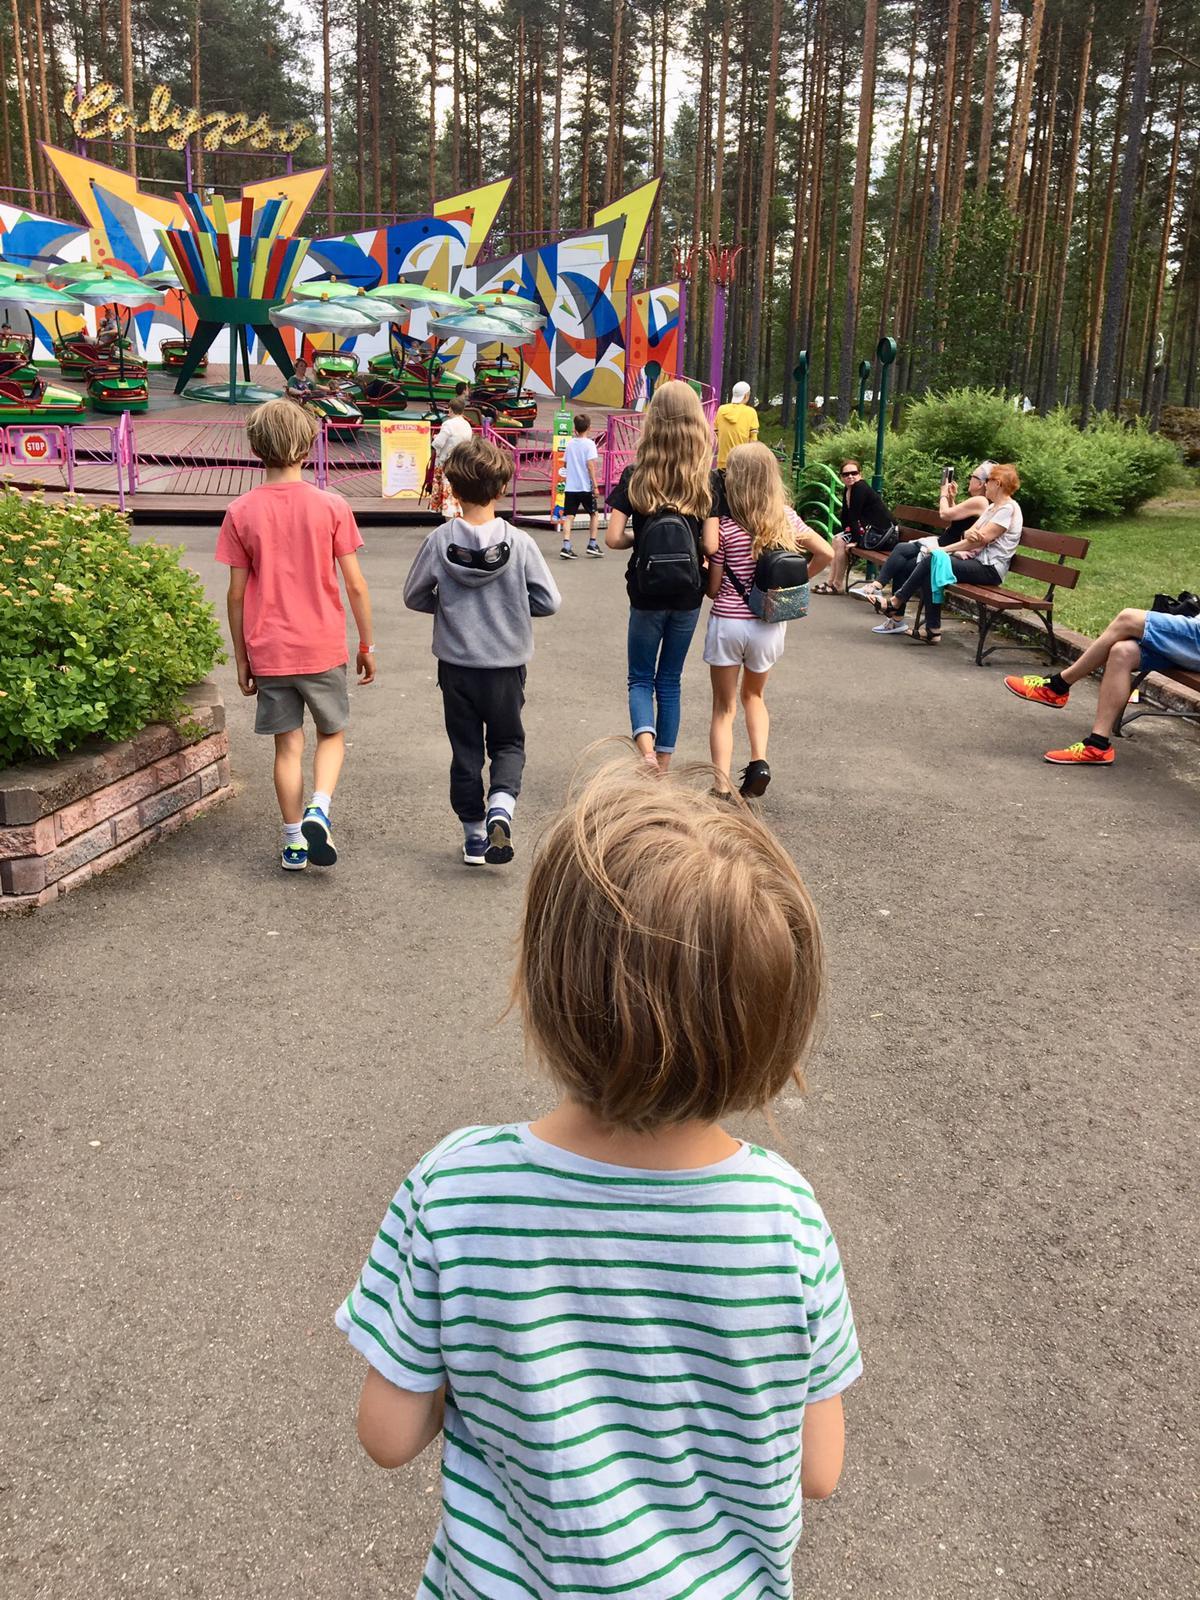 Kids on amusement park, lapset huvipuistossa, Tykkimäki